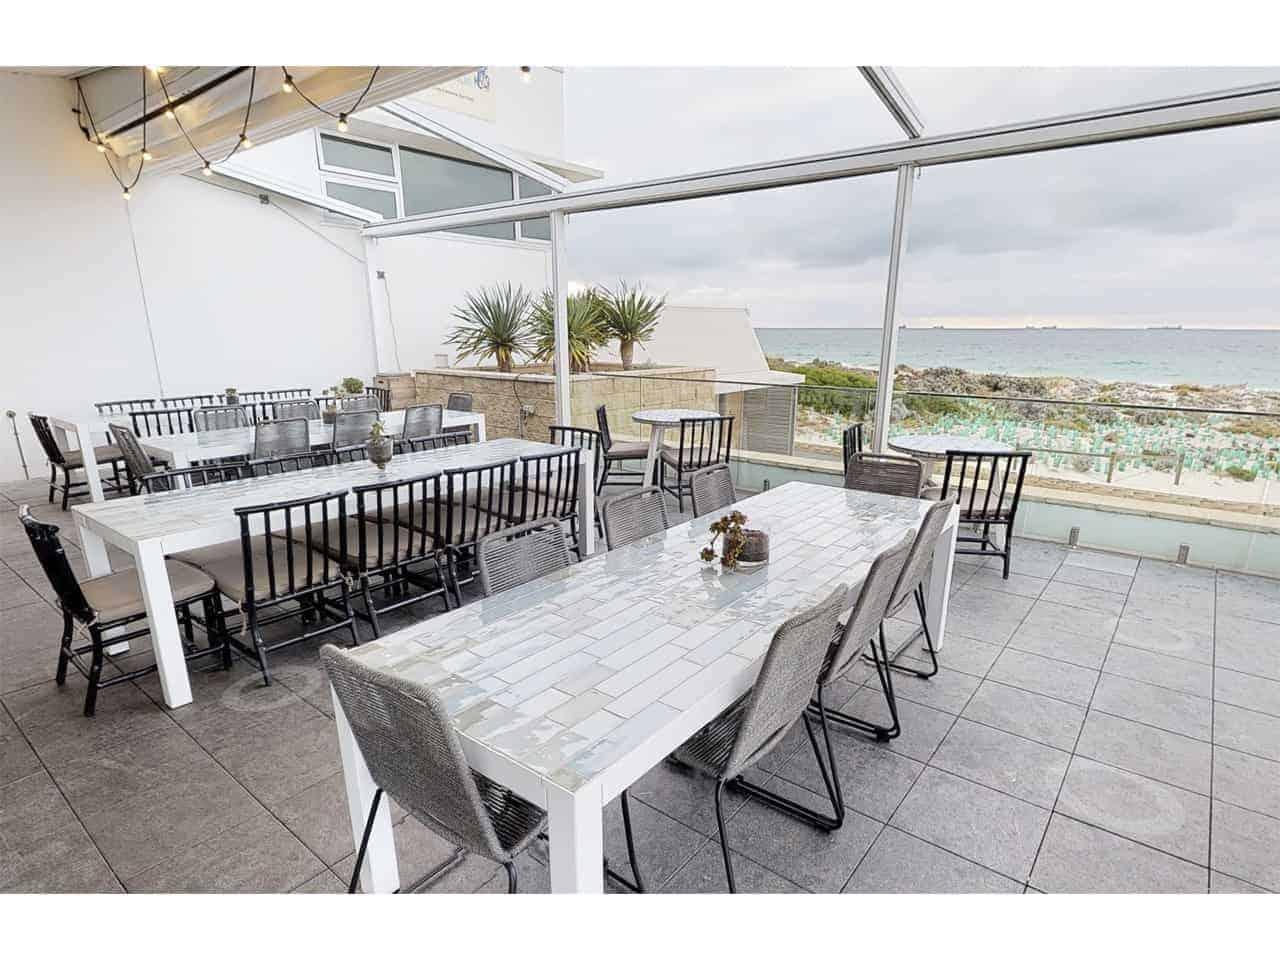 Oceanside outdoor venue